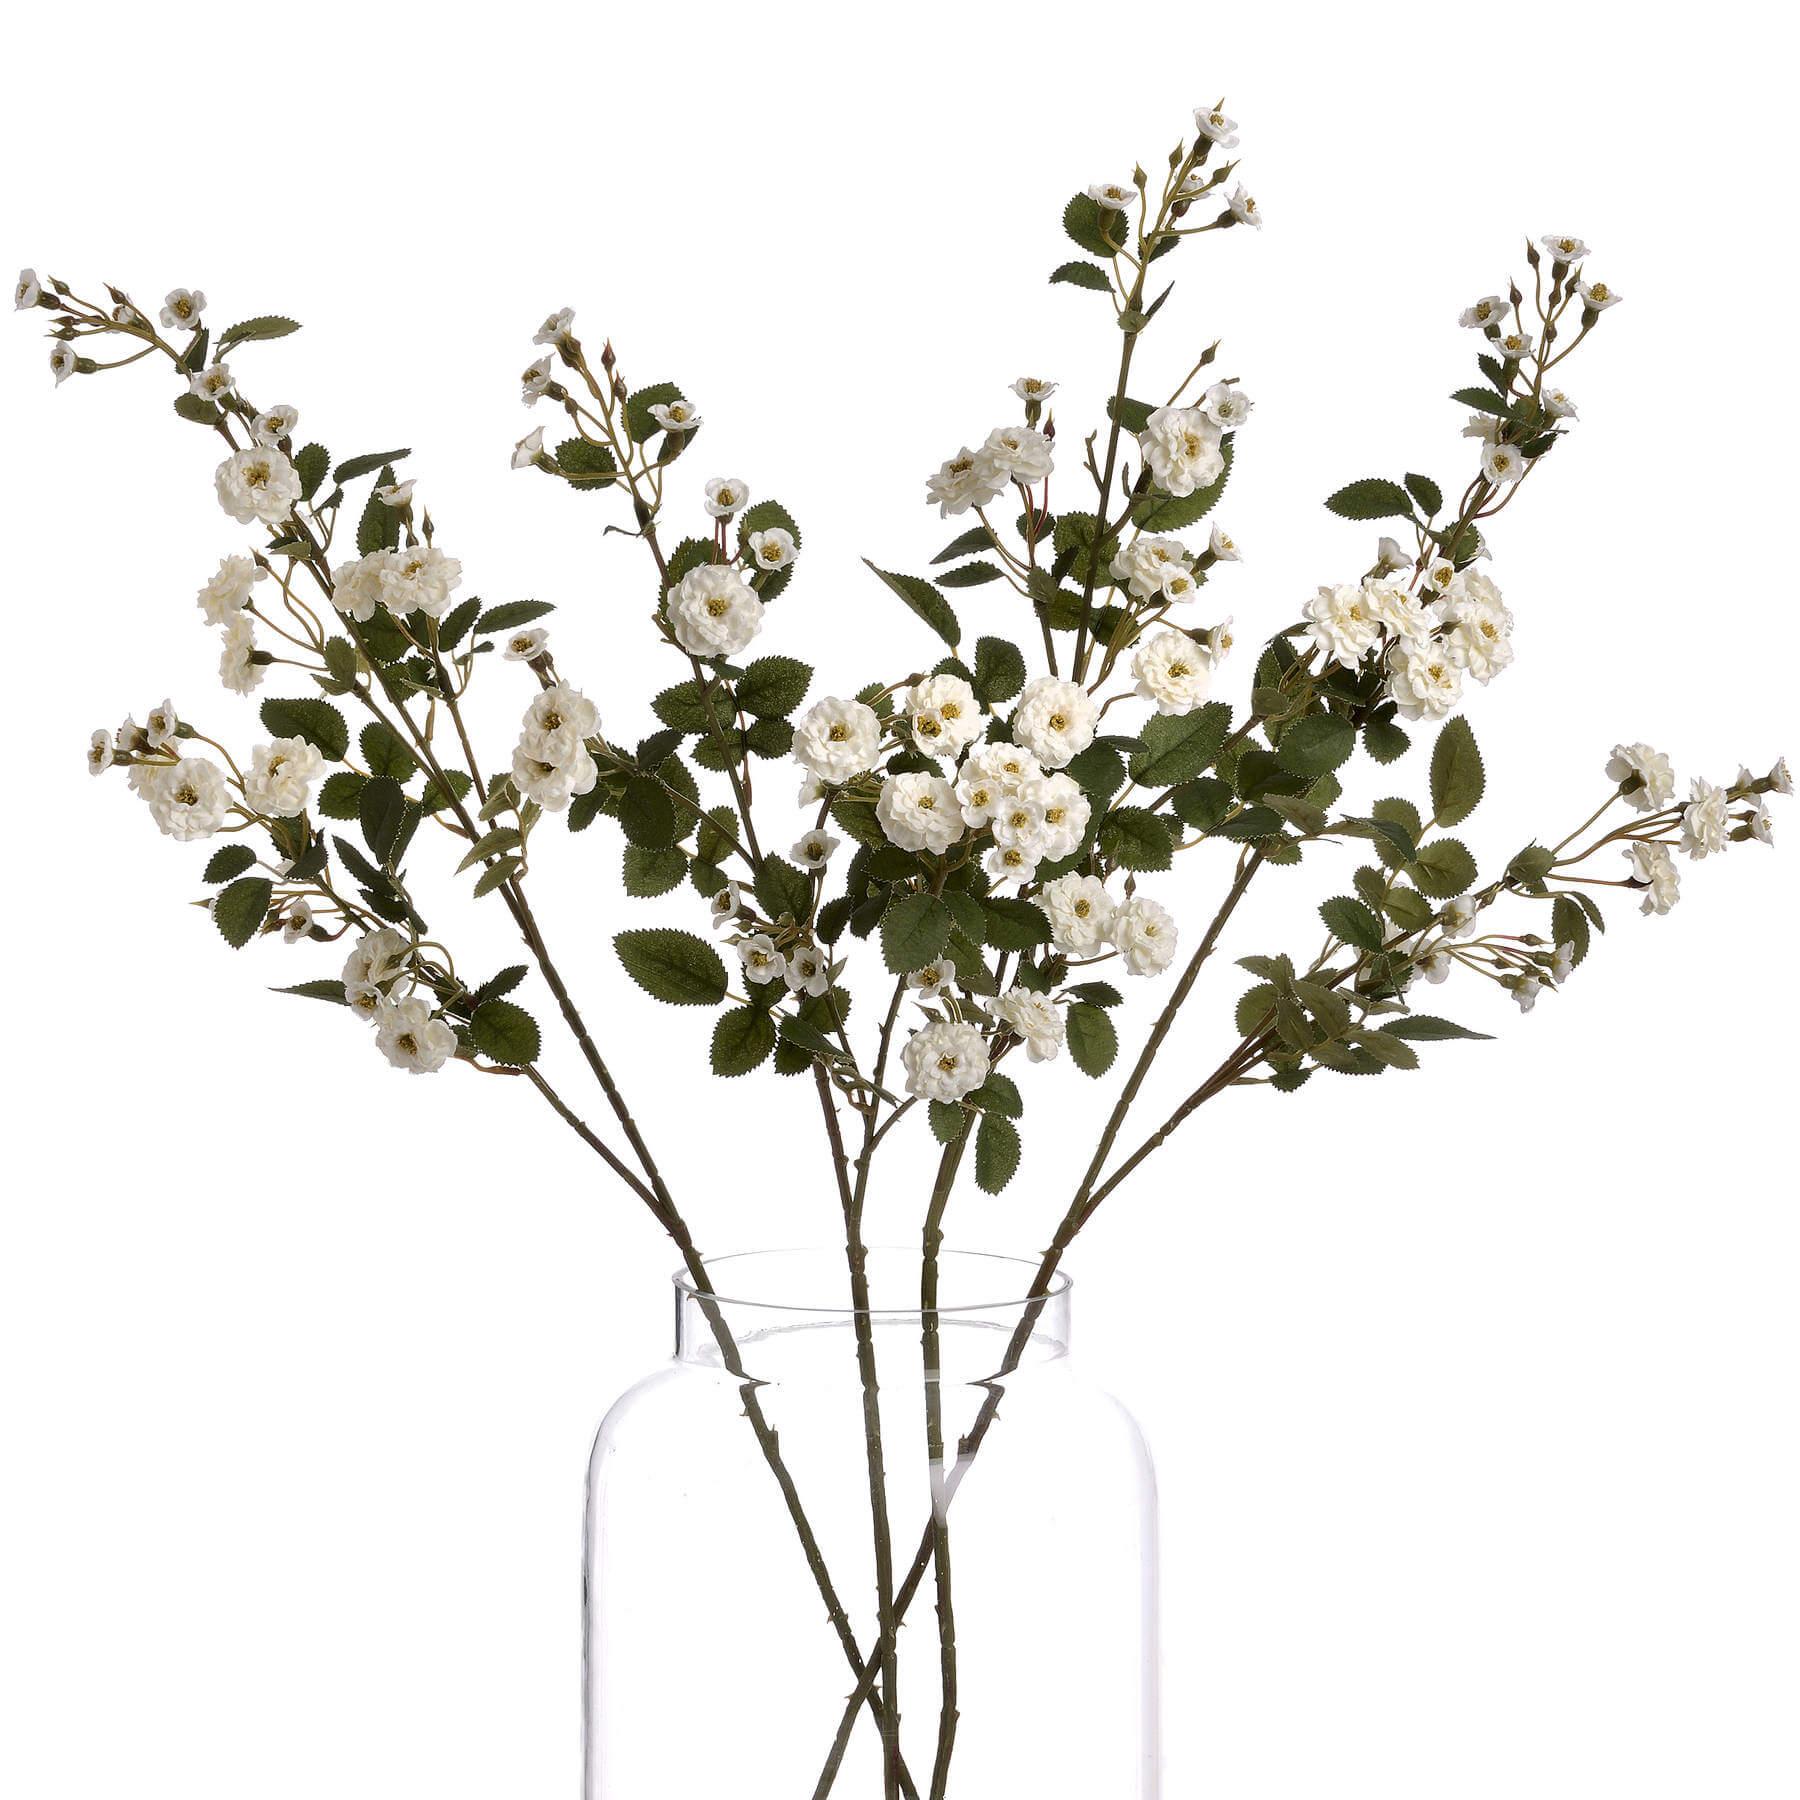 White Wild Meadow Rose